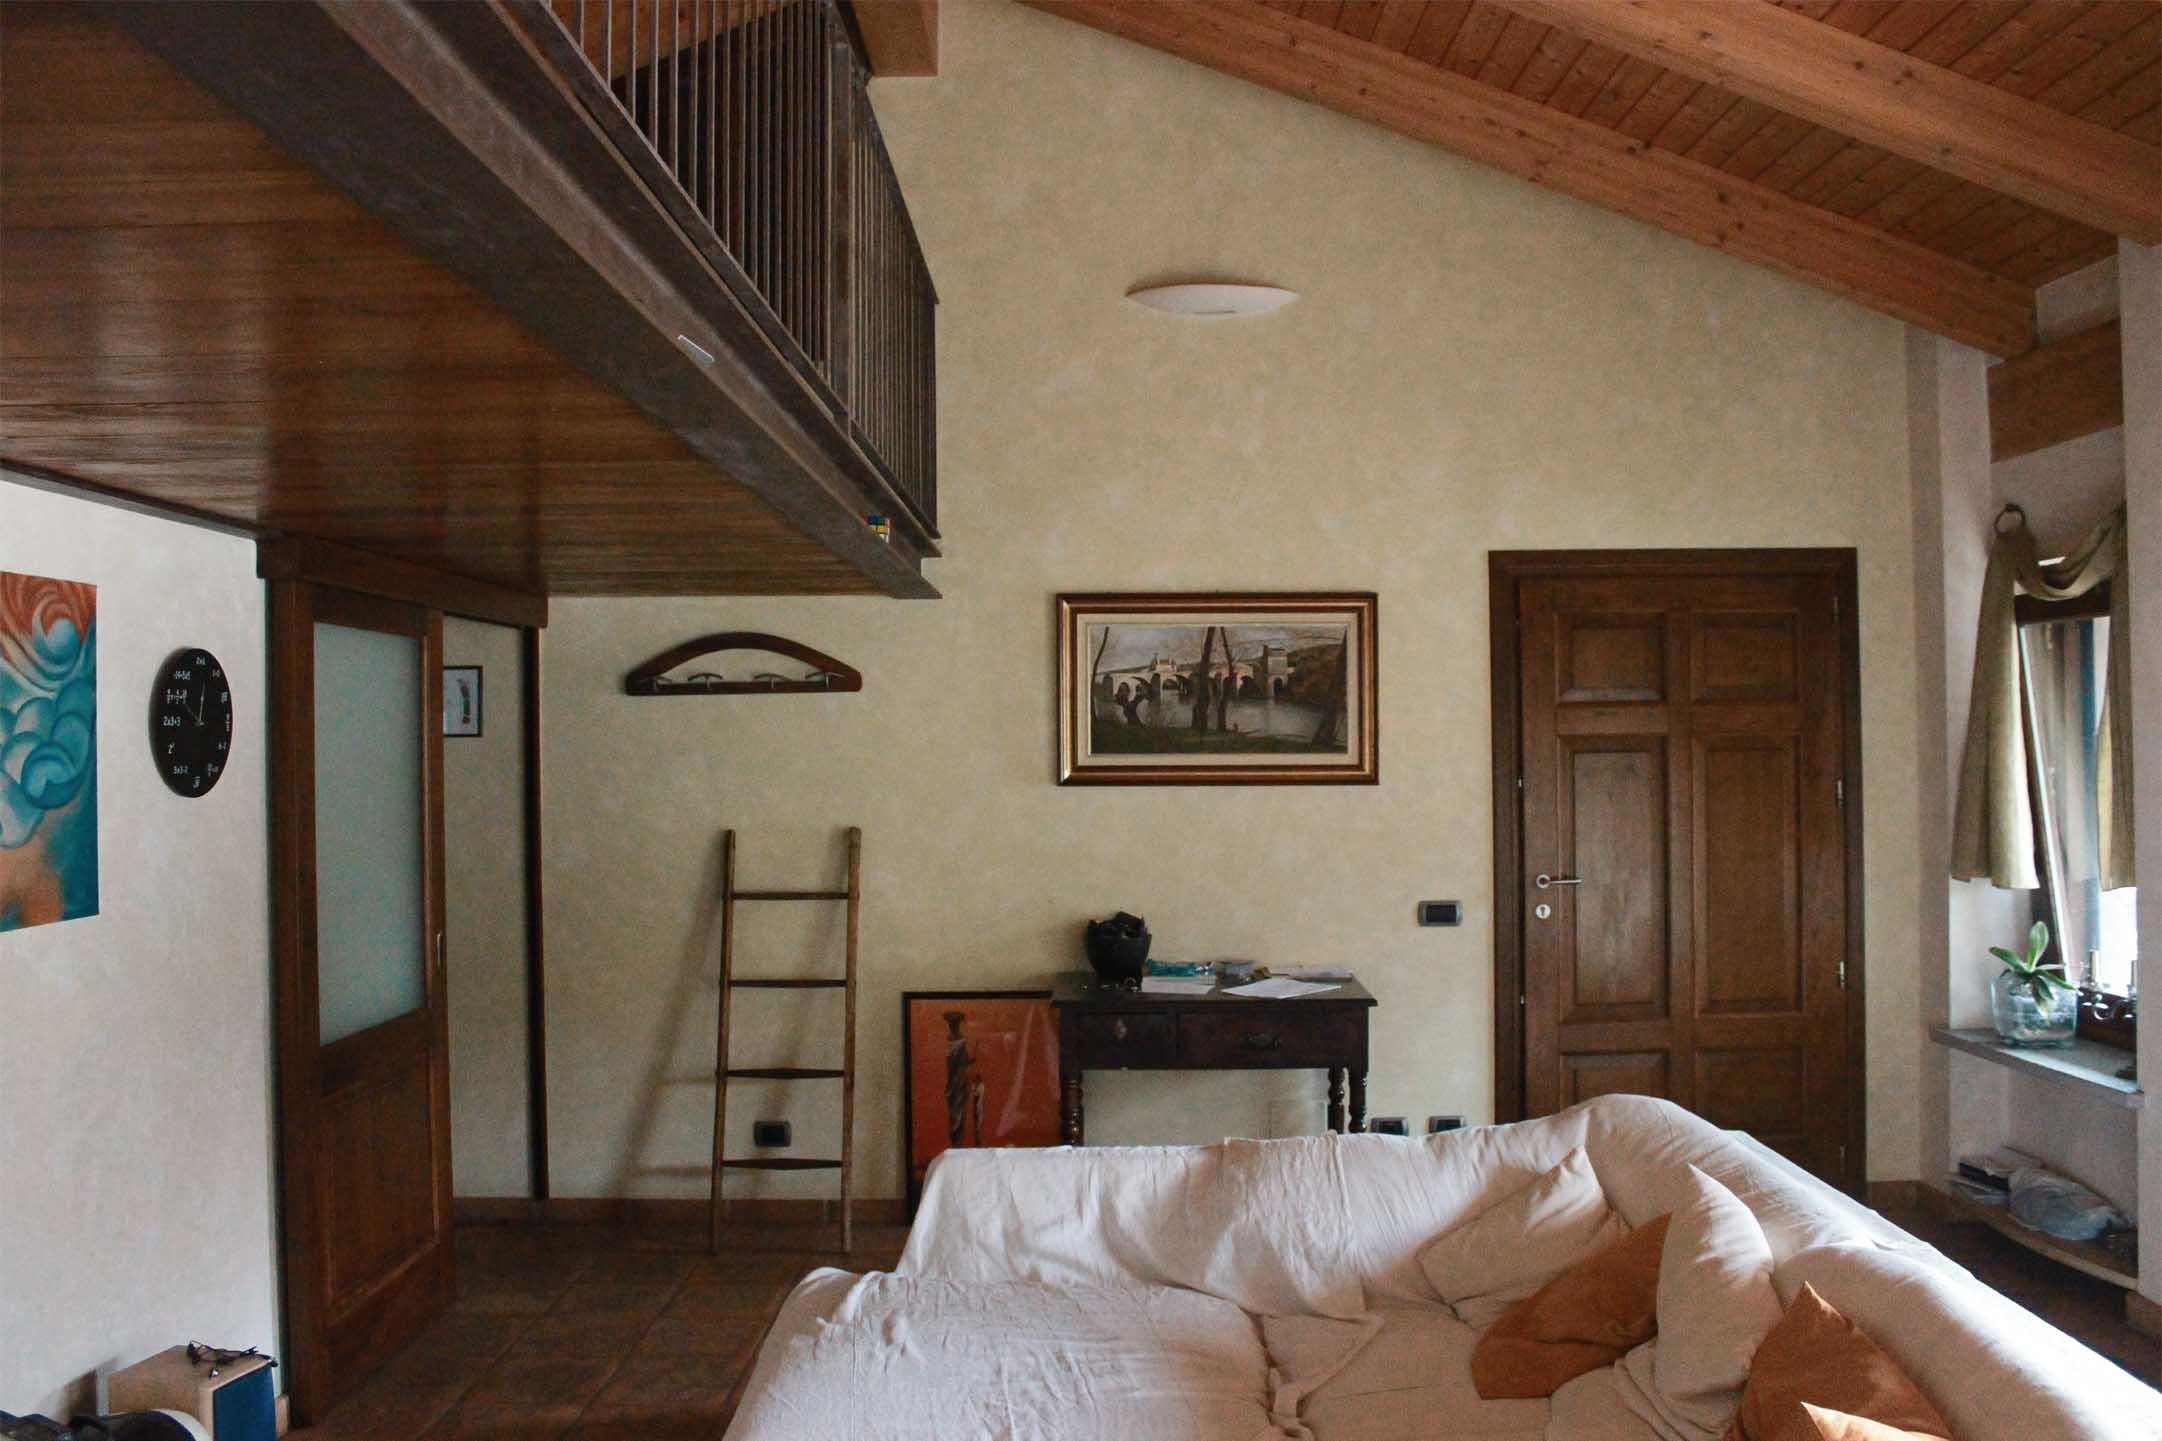 Alberto-Nisci-interior-designer-torino-Appartamento-3